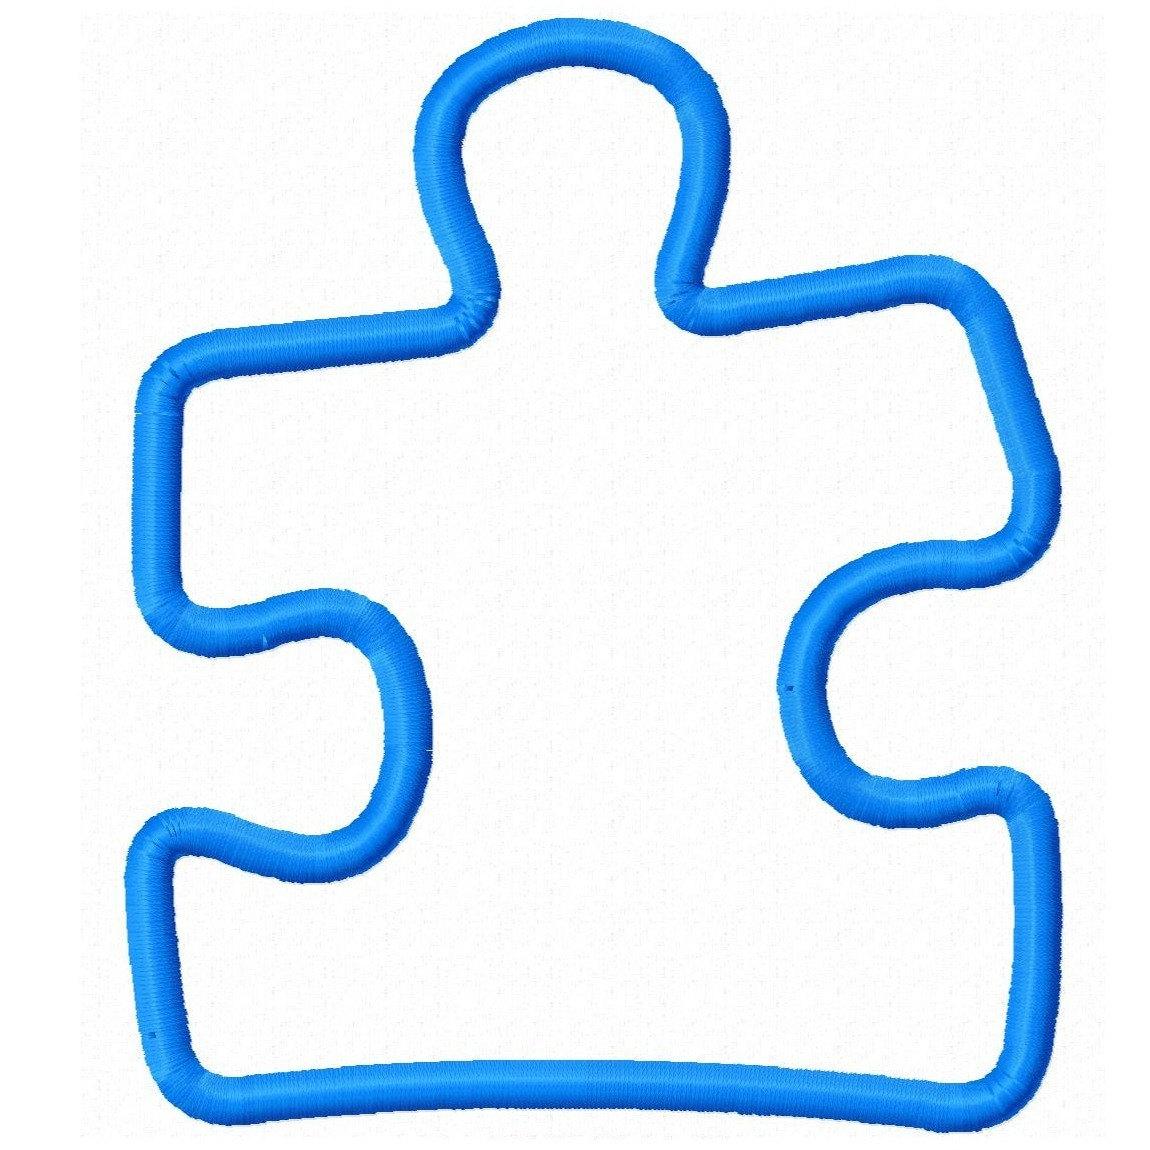 Puzzle Piece Clipart | Free Download Best Puzzle Piece Clipart On - Printable Puzzle Piece Autism